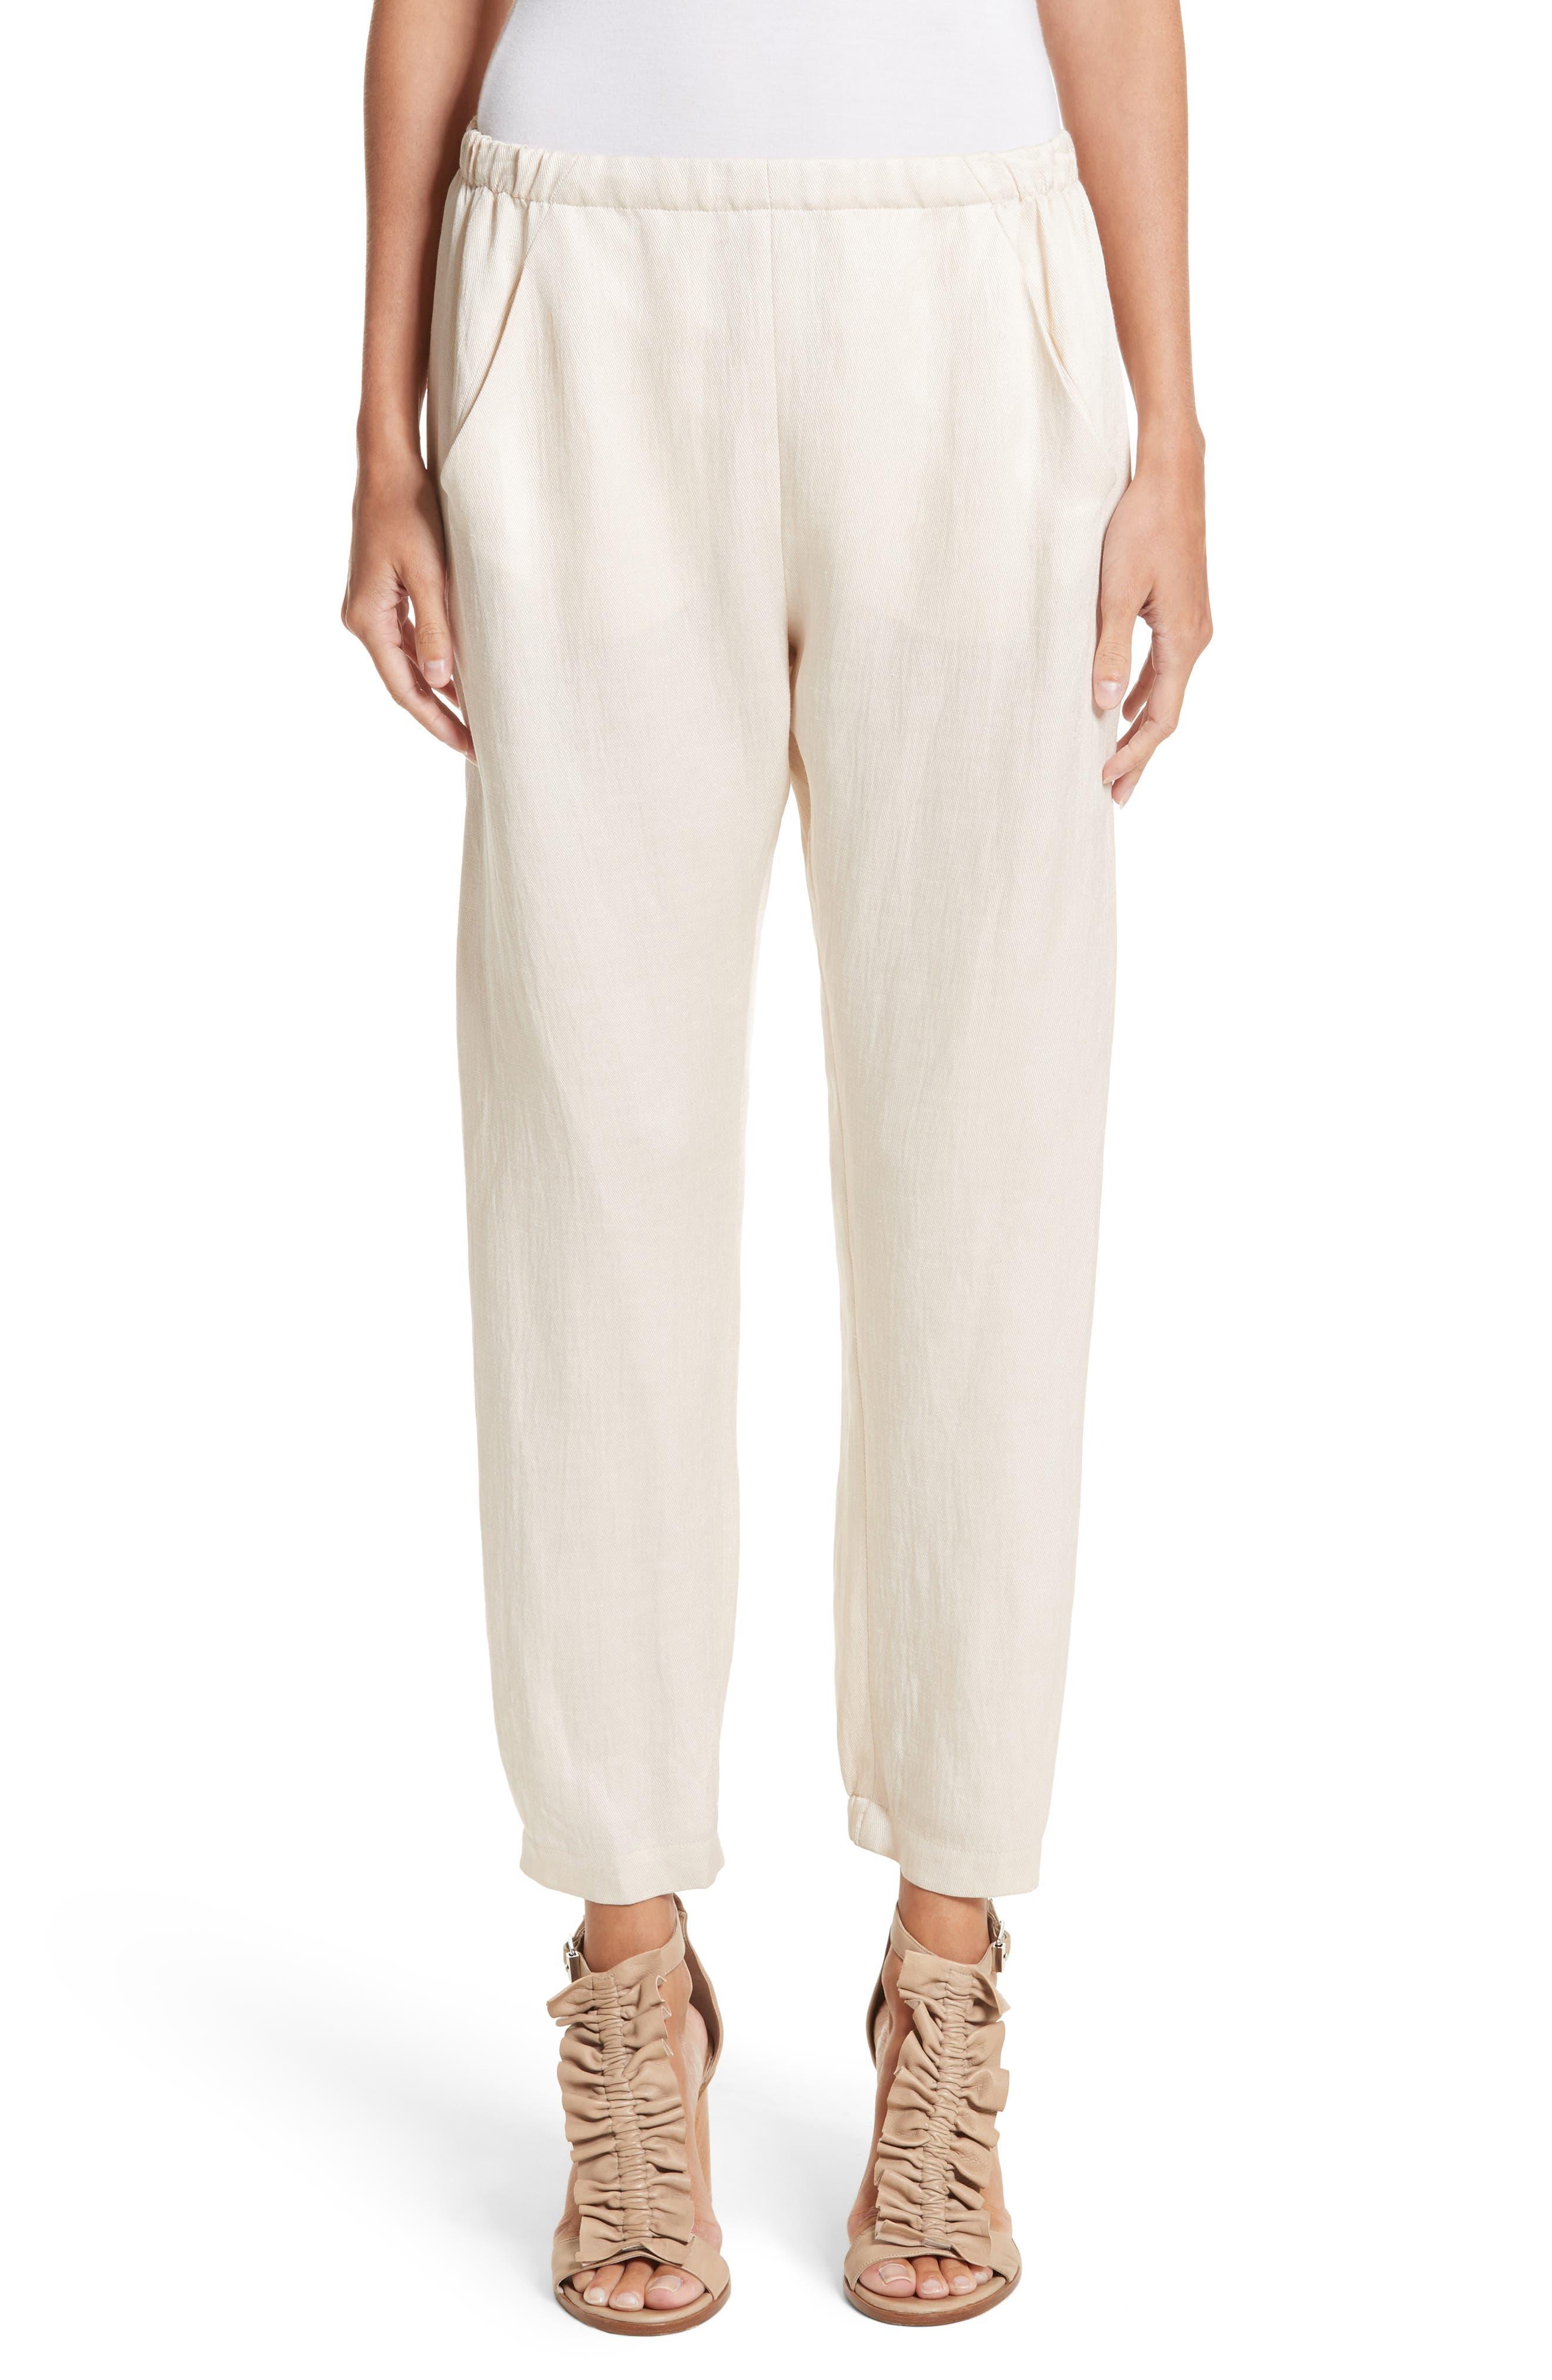 Zero + Maria Cornejo Gabi Eco Drape Pants